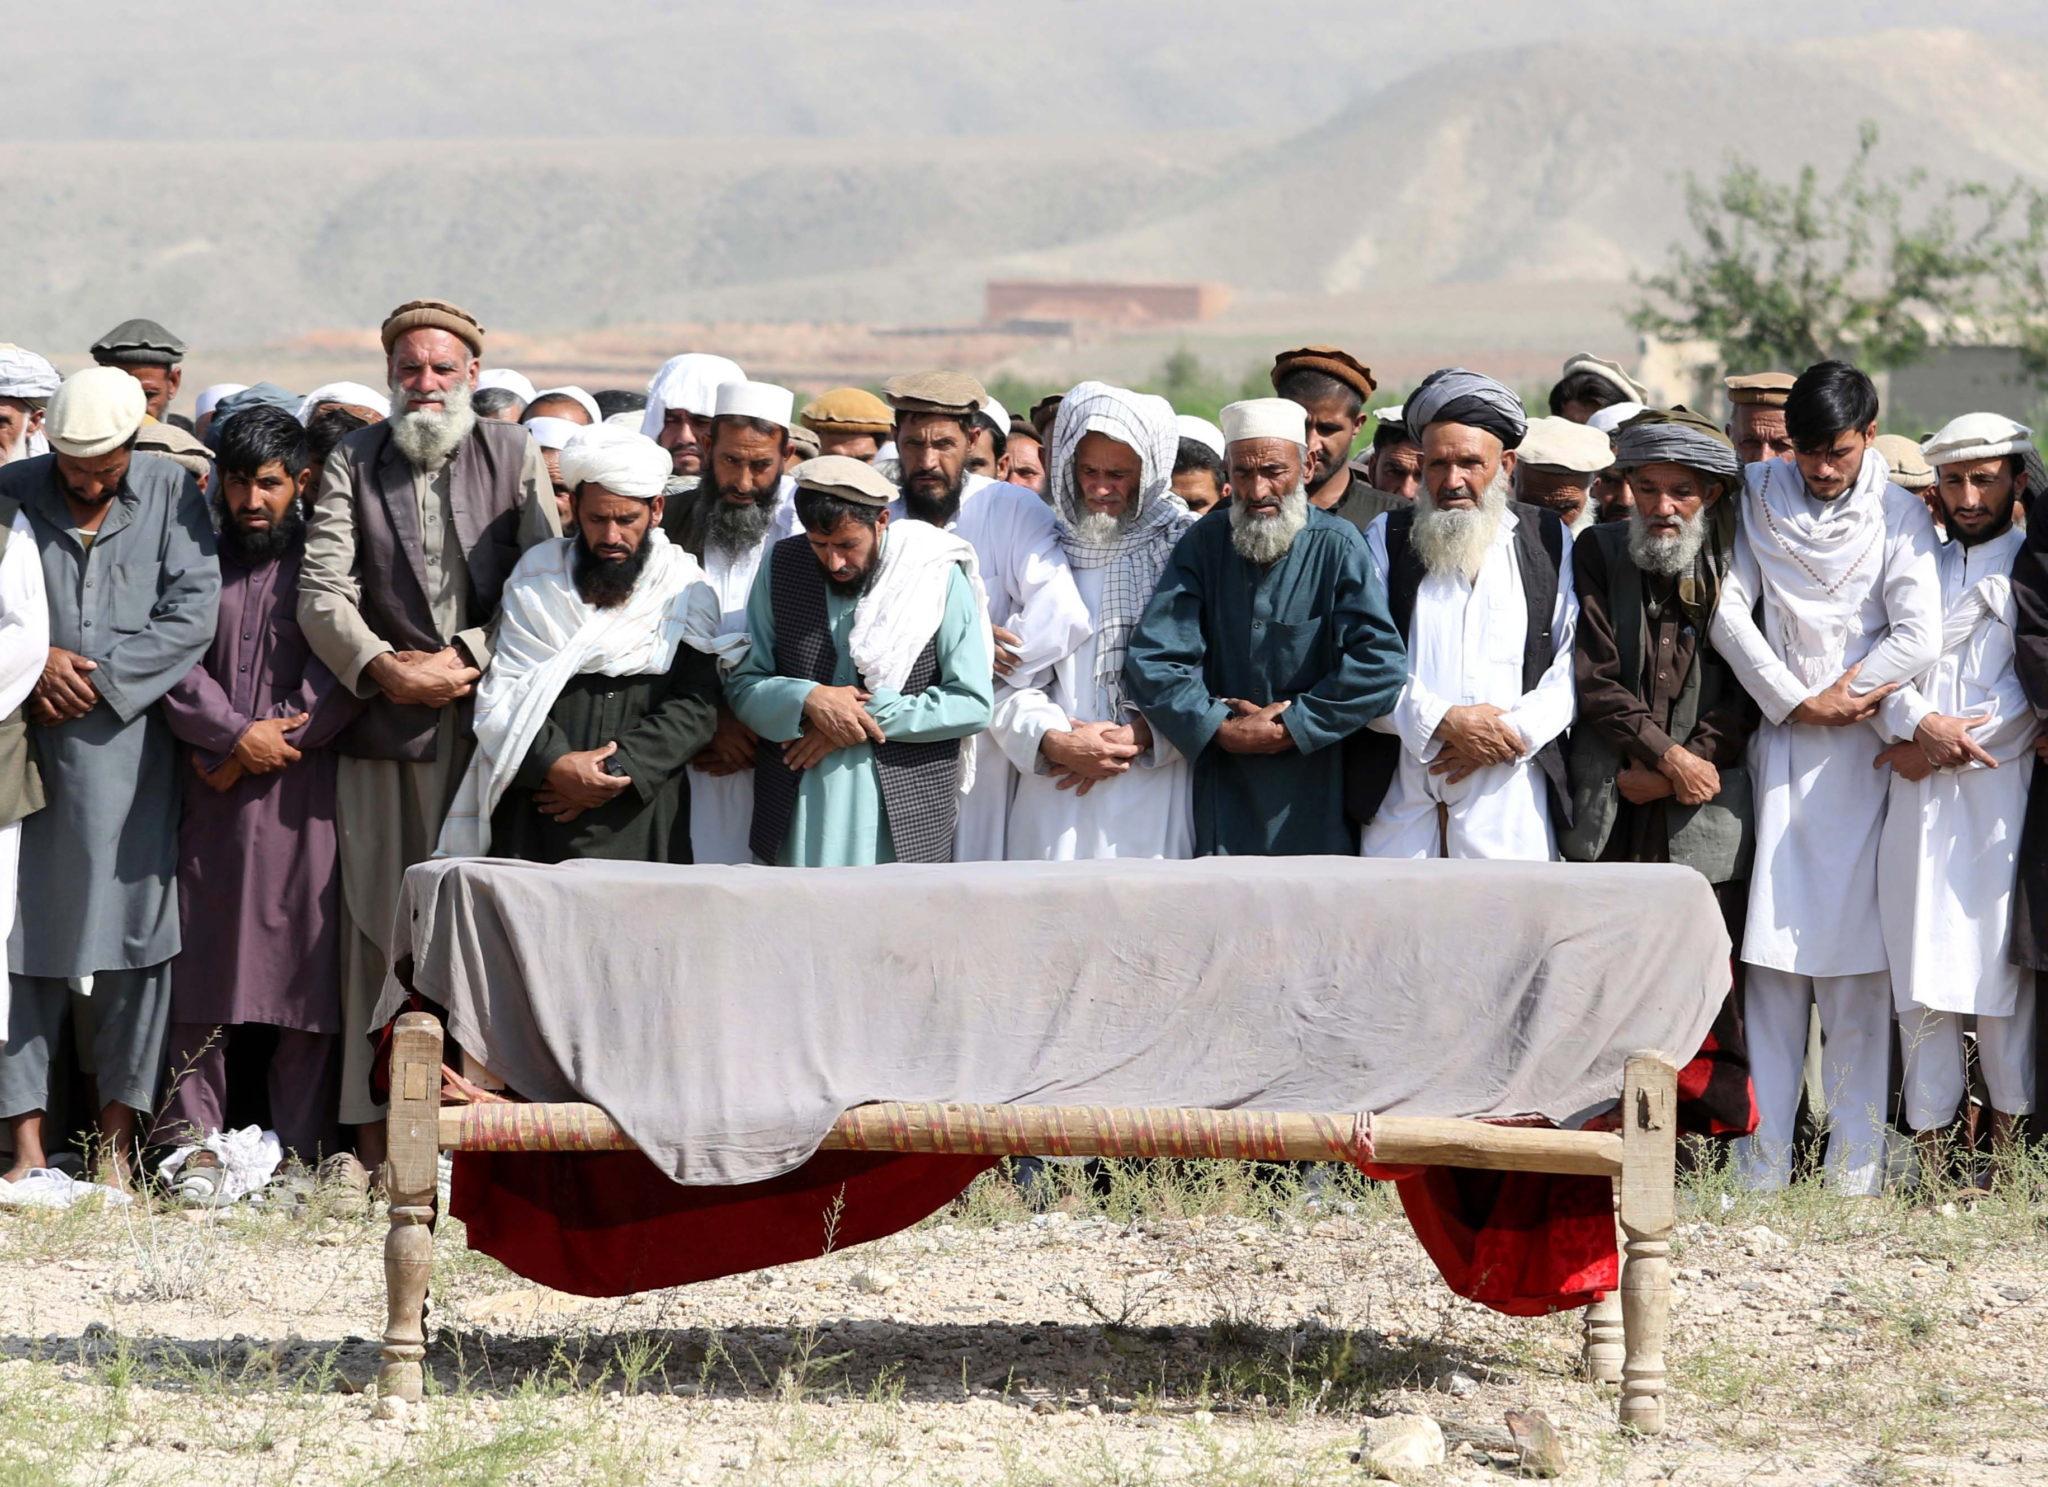 Afganistan: Pogrzeb ofiar ataku sterowanego przez amerykańskie drony. fot. EPA/GHULAMULLAH HABIBI